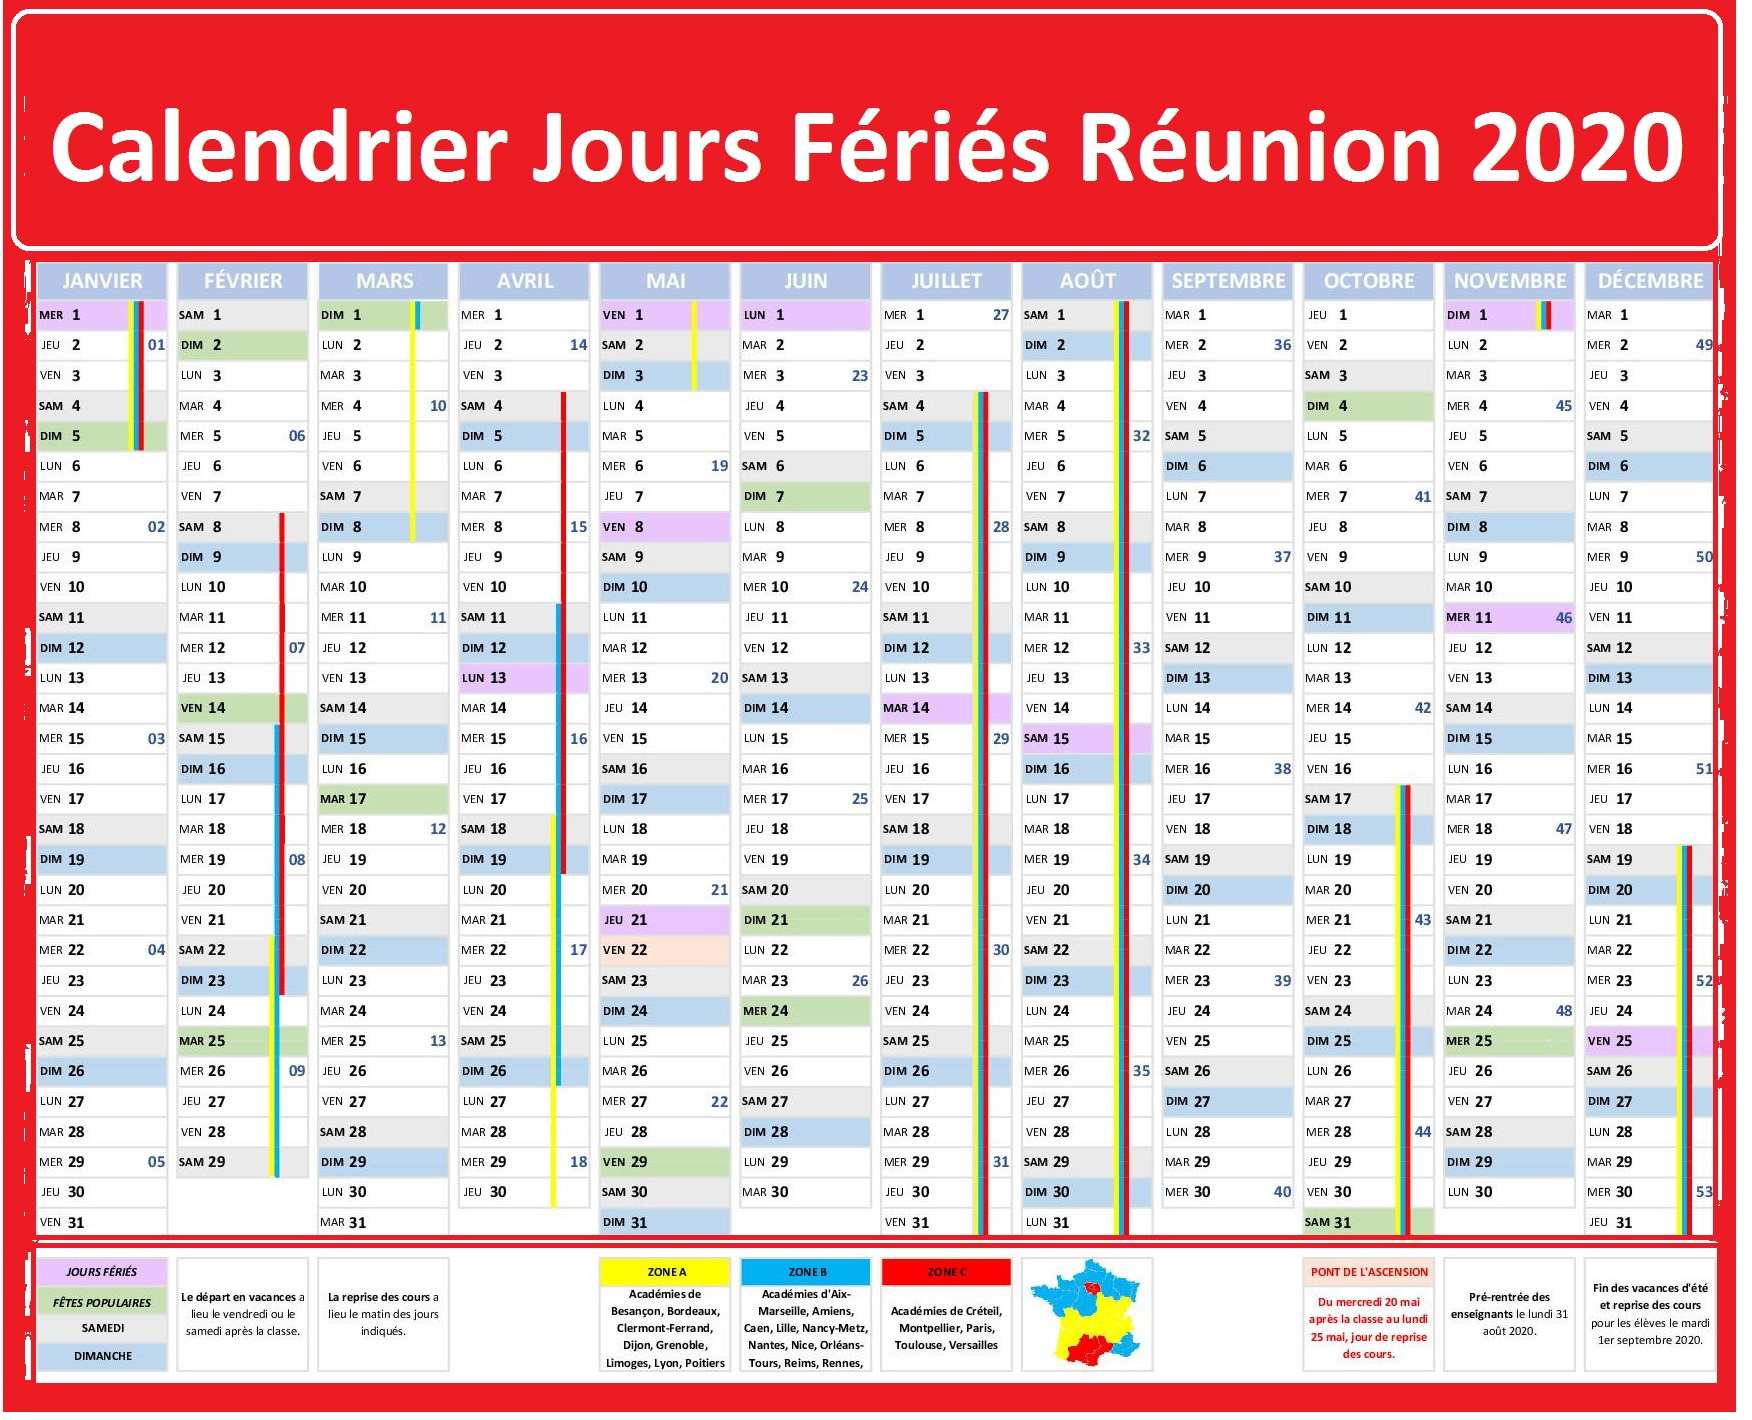 Calendrier Des Jours Fériés De La Réunion 2020